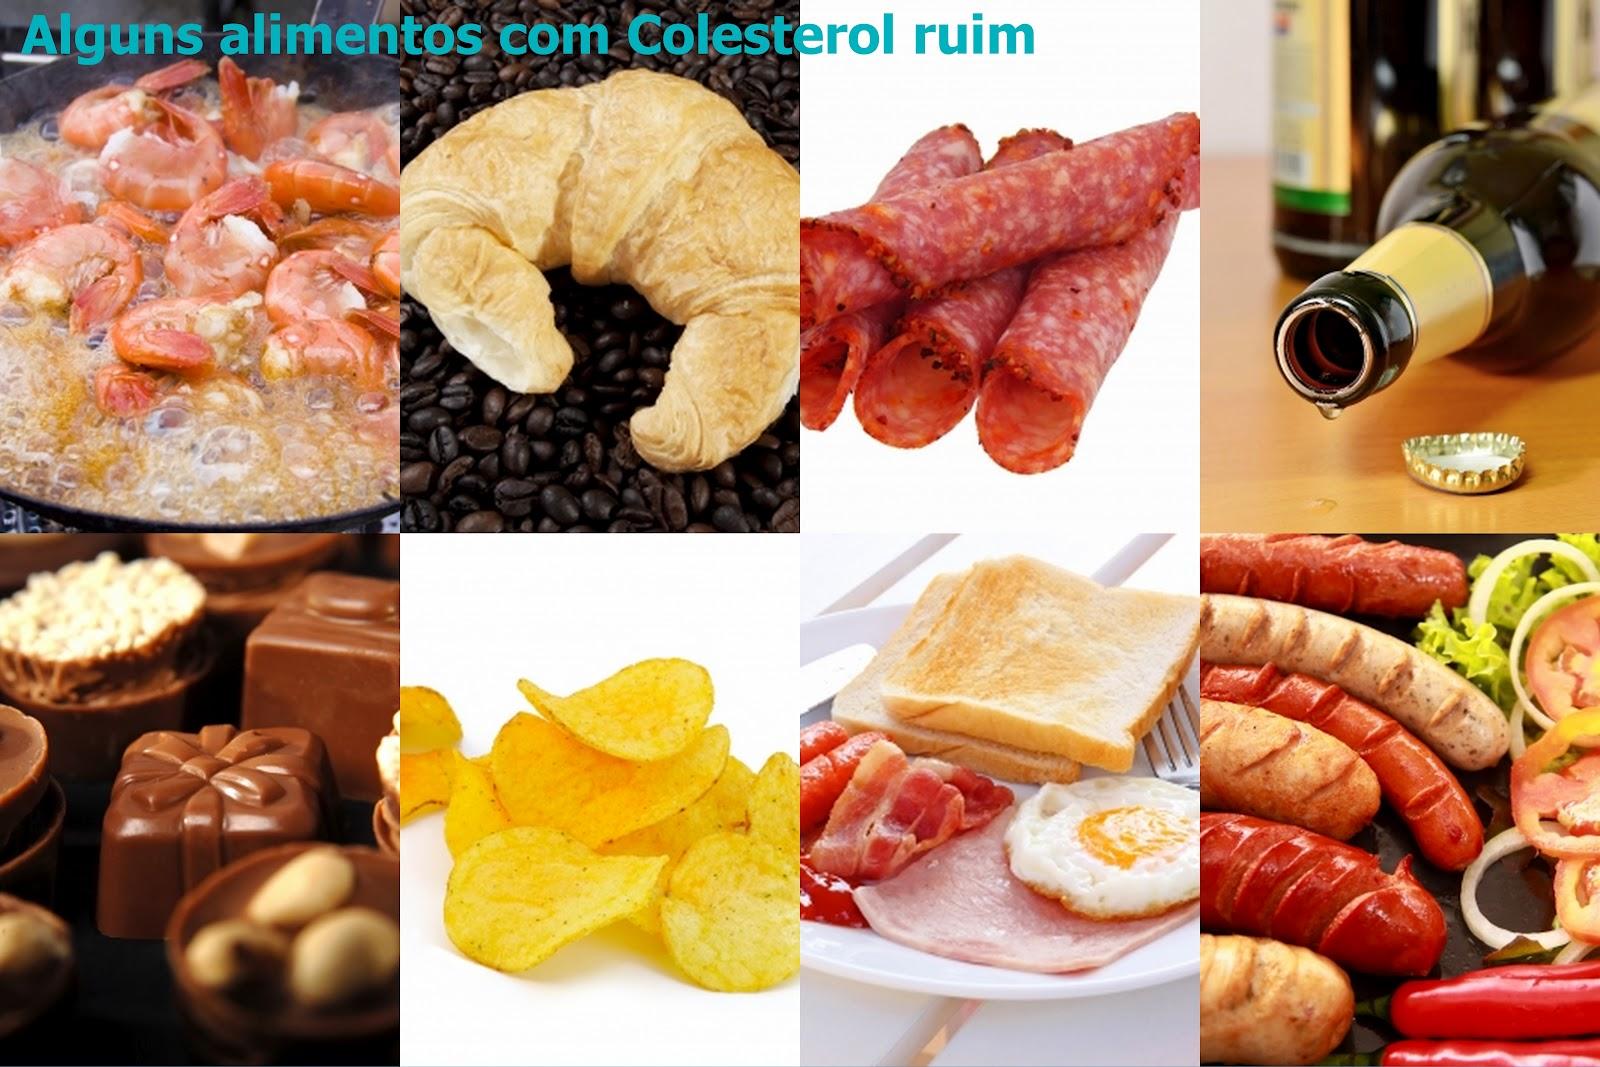 Bujin do kan o que o colesterol - Alimentos que provocan colesterol ...